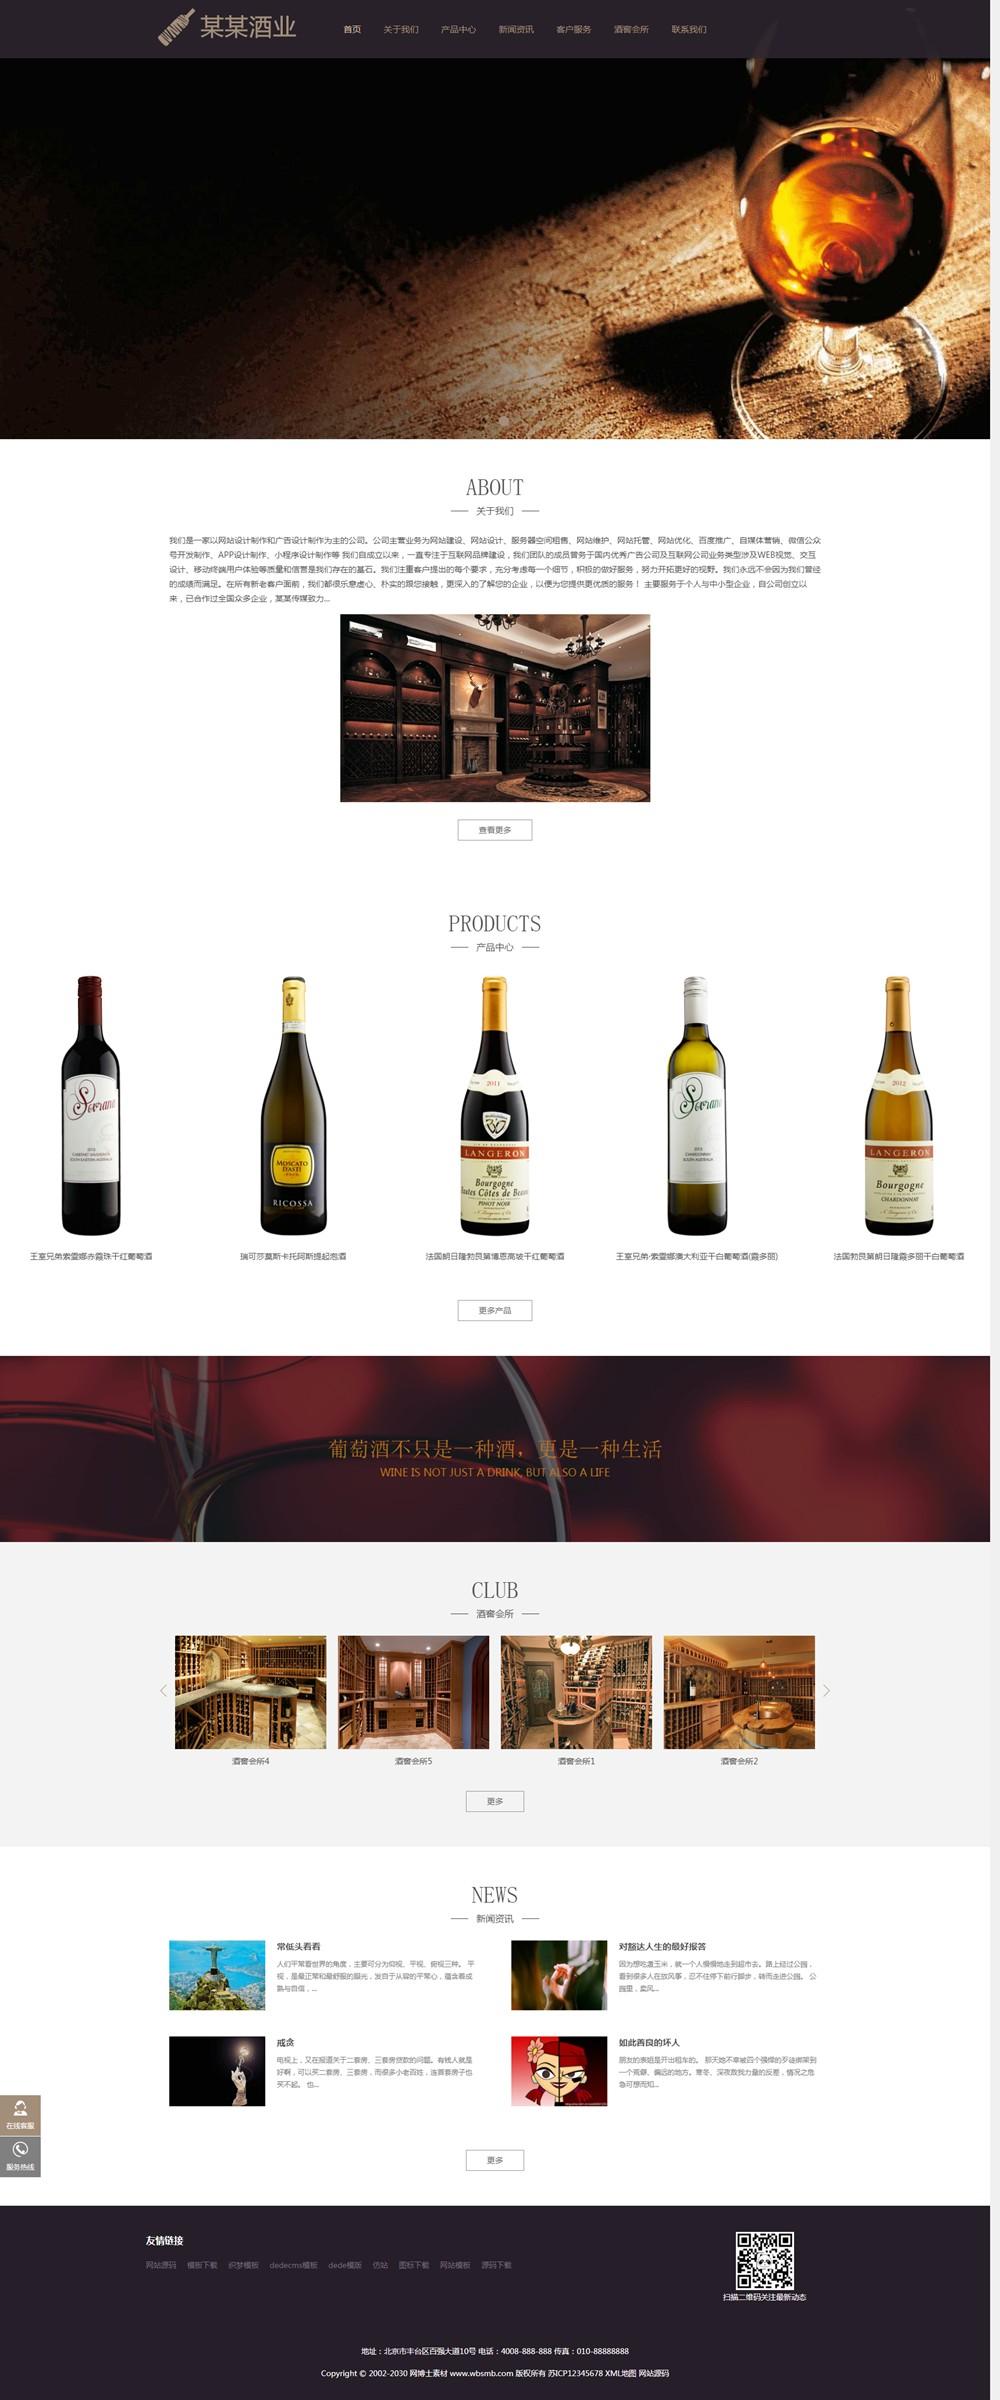 (自适应手机版)响应式高端藏酒酒业酒窖网站织梦模板 HTML5葡萄酒酒业网站源码下载